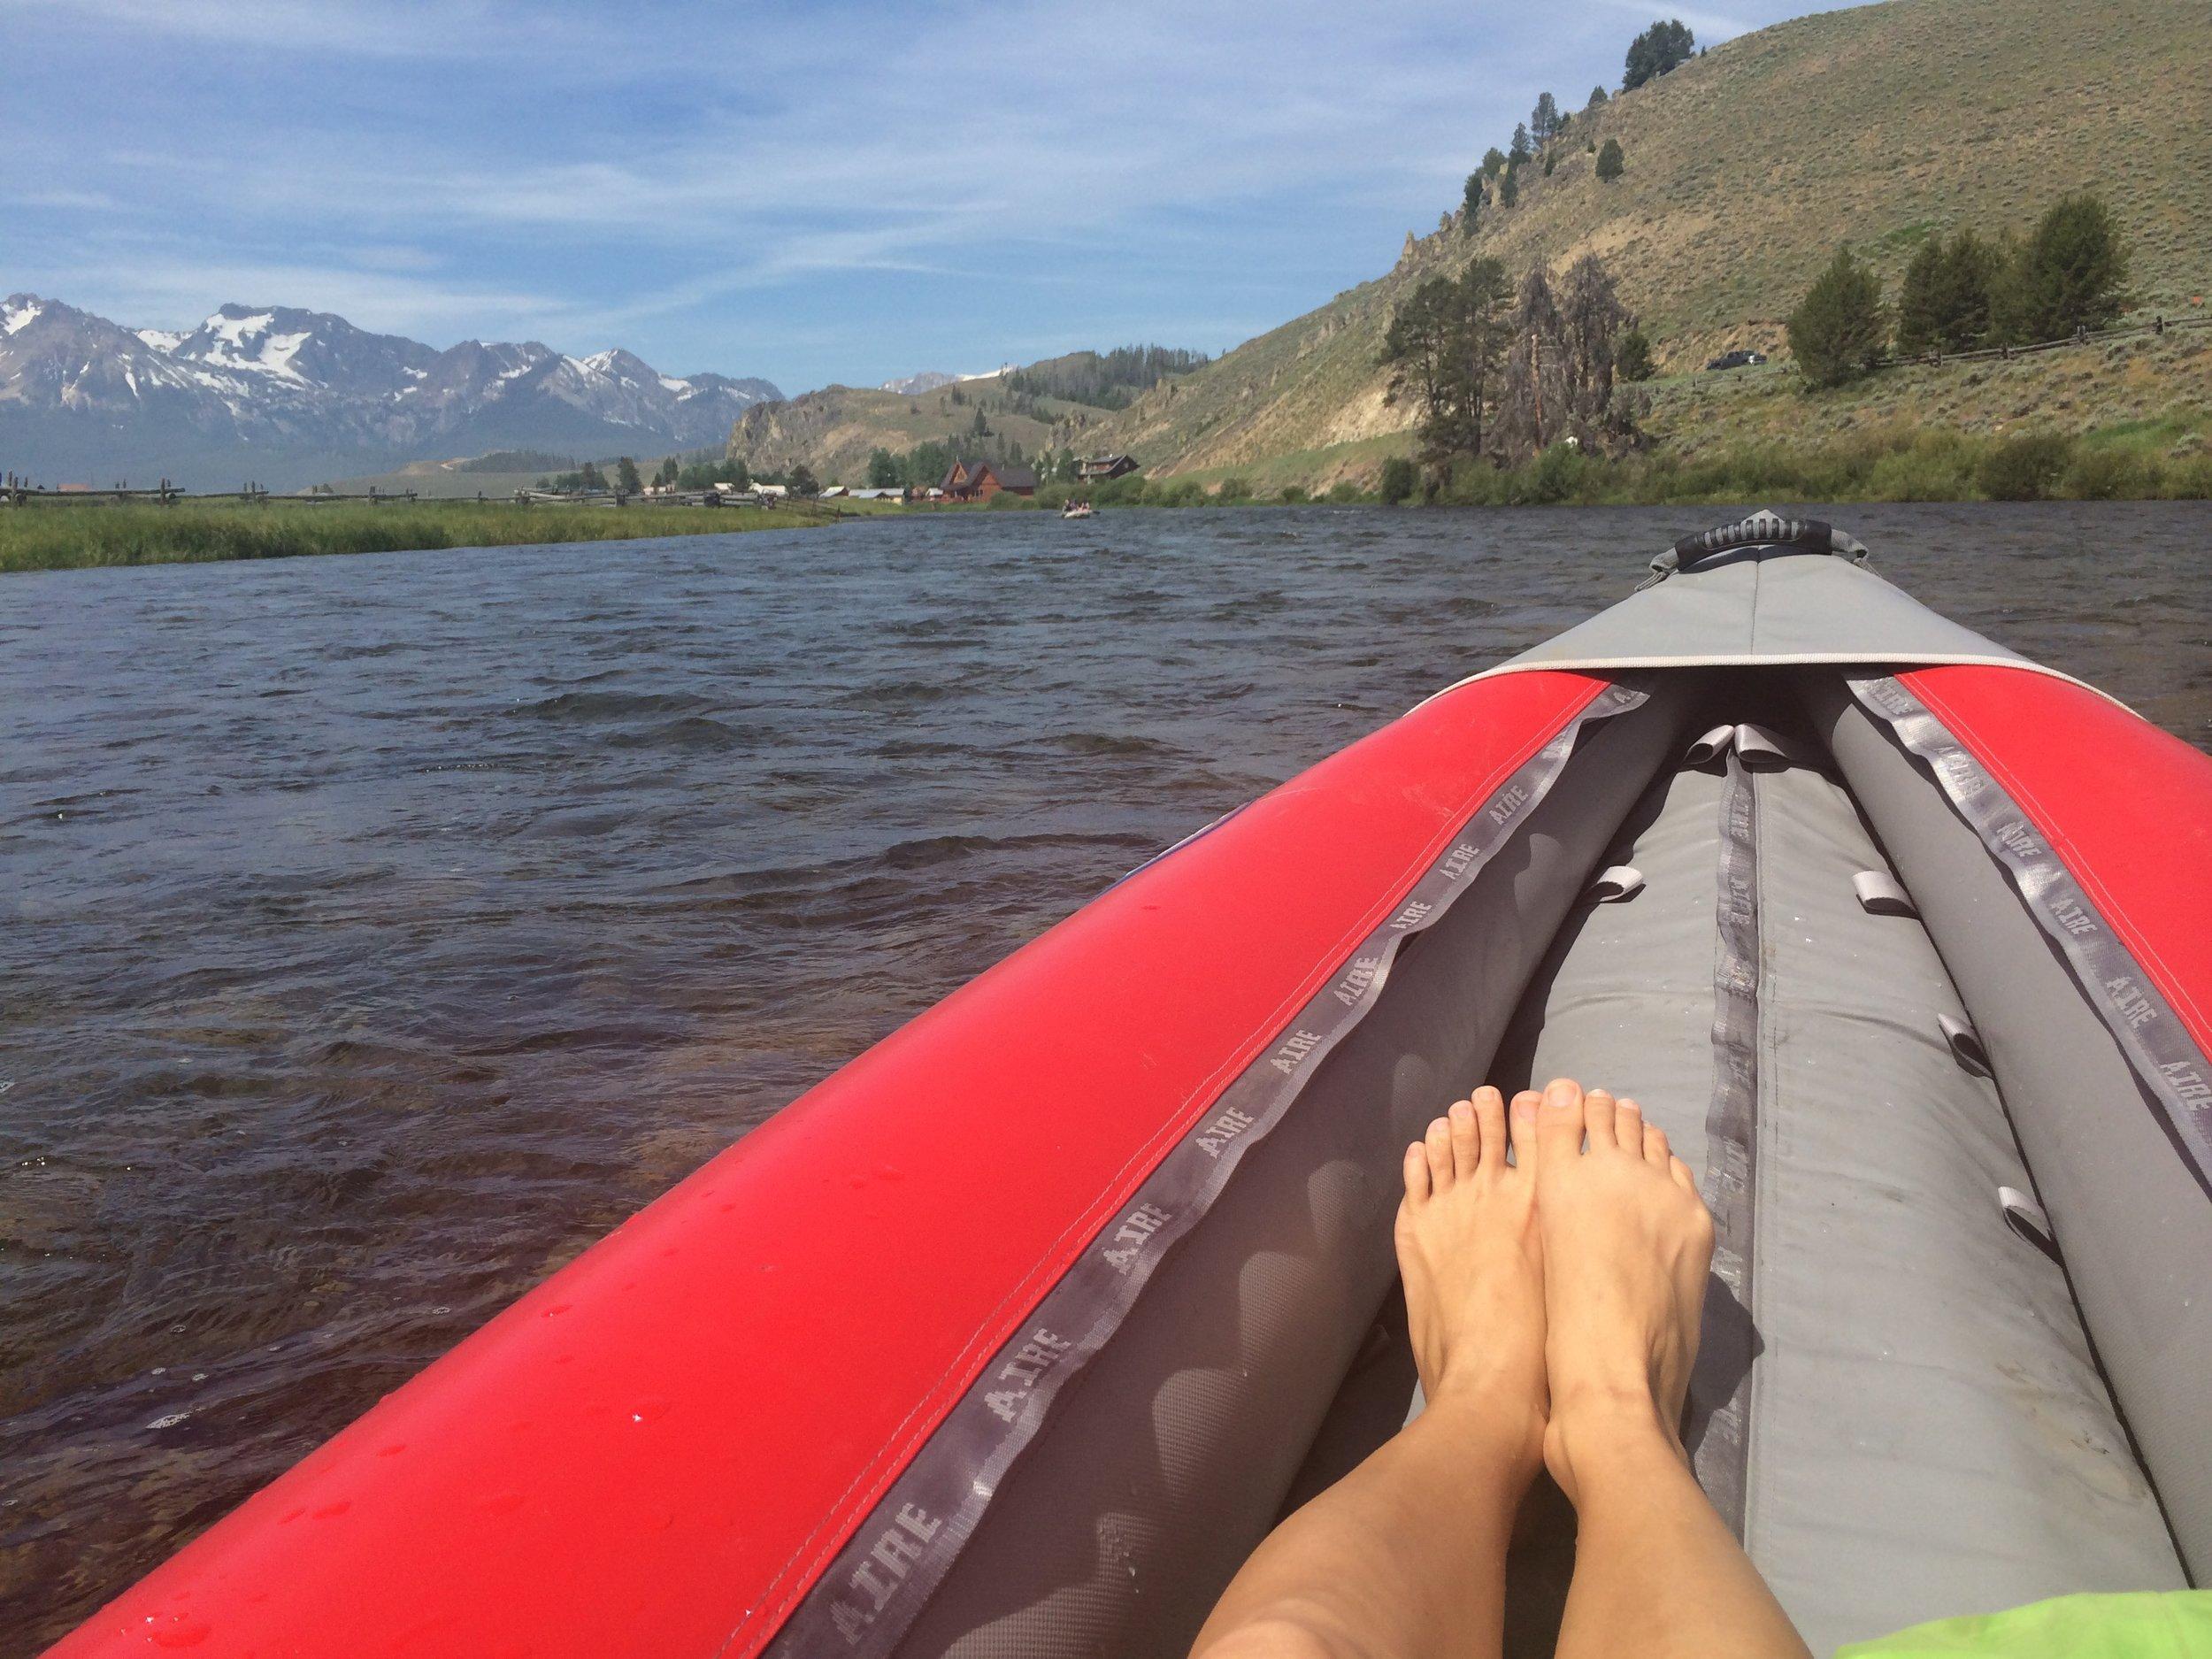 Kayaking in Sun Valley